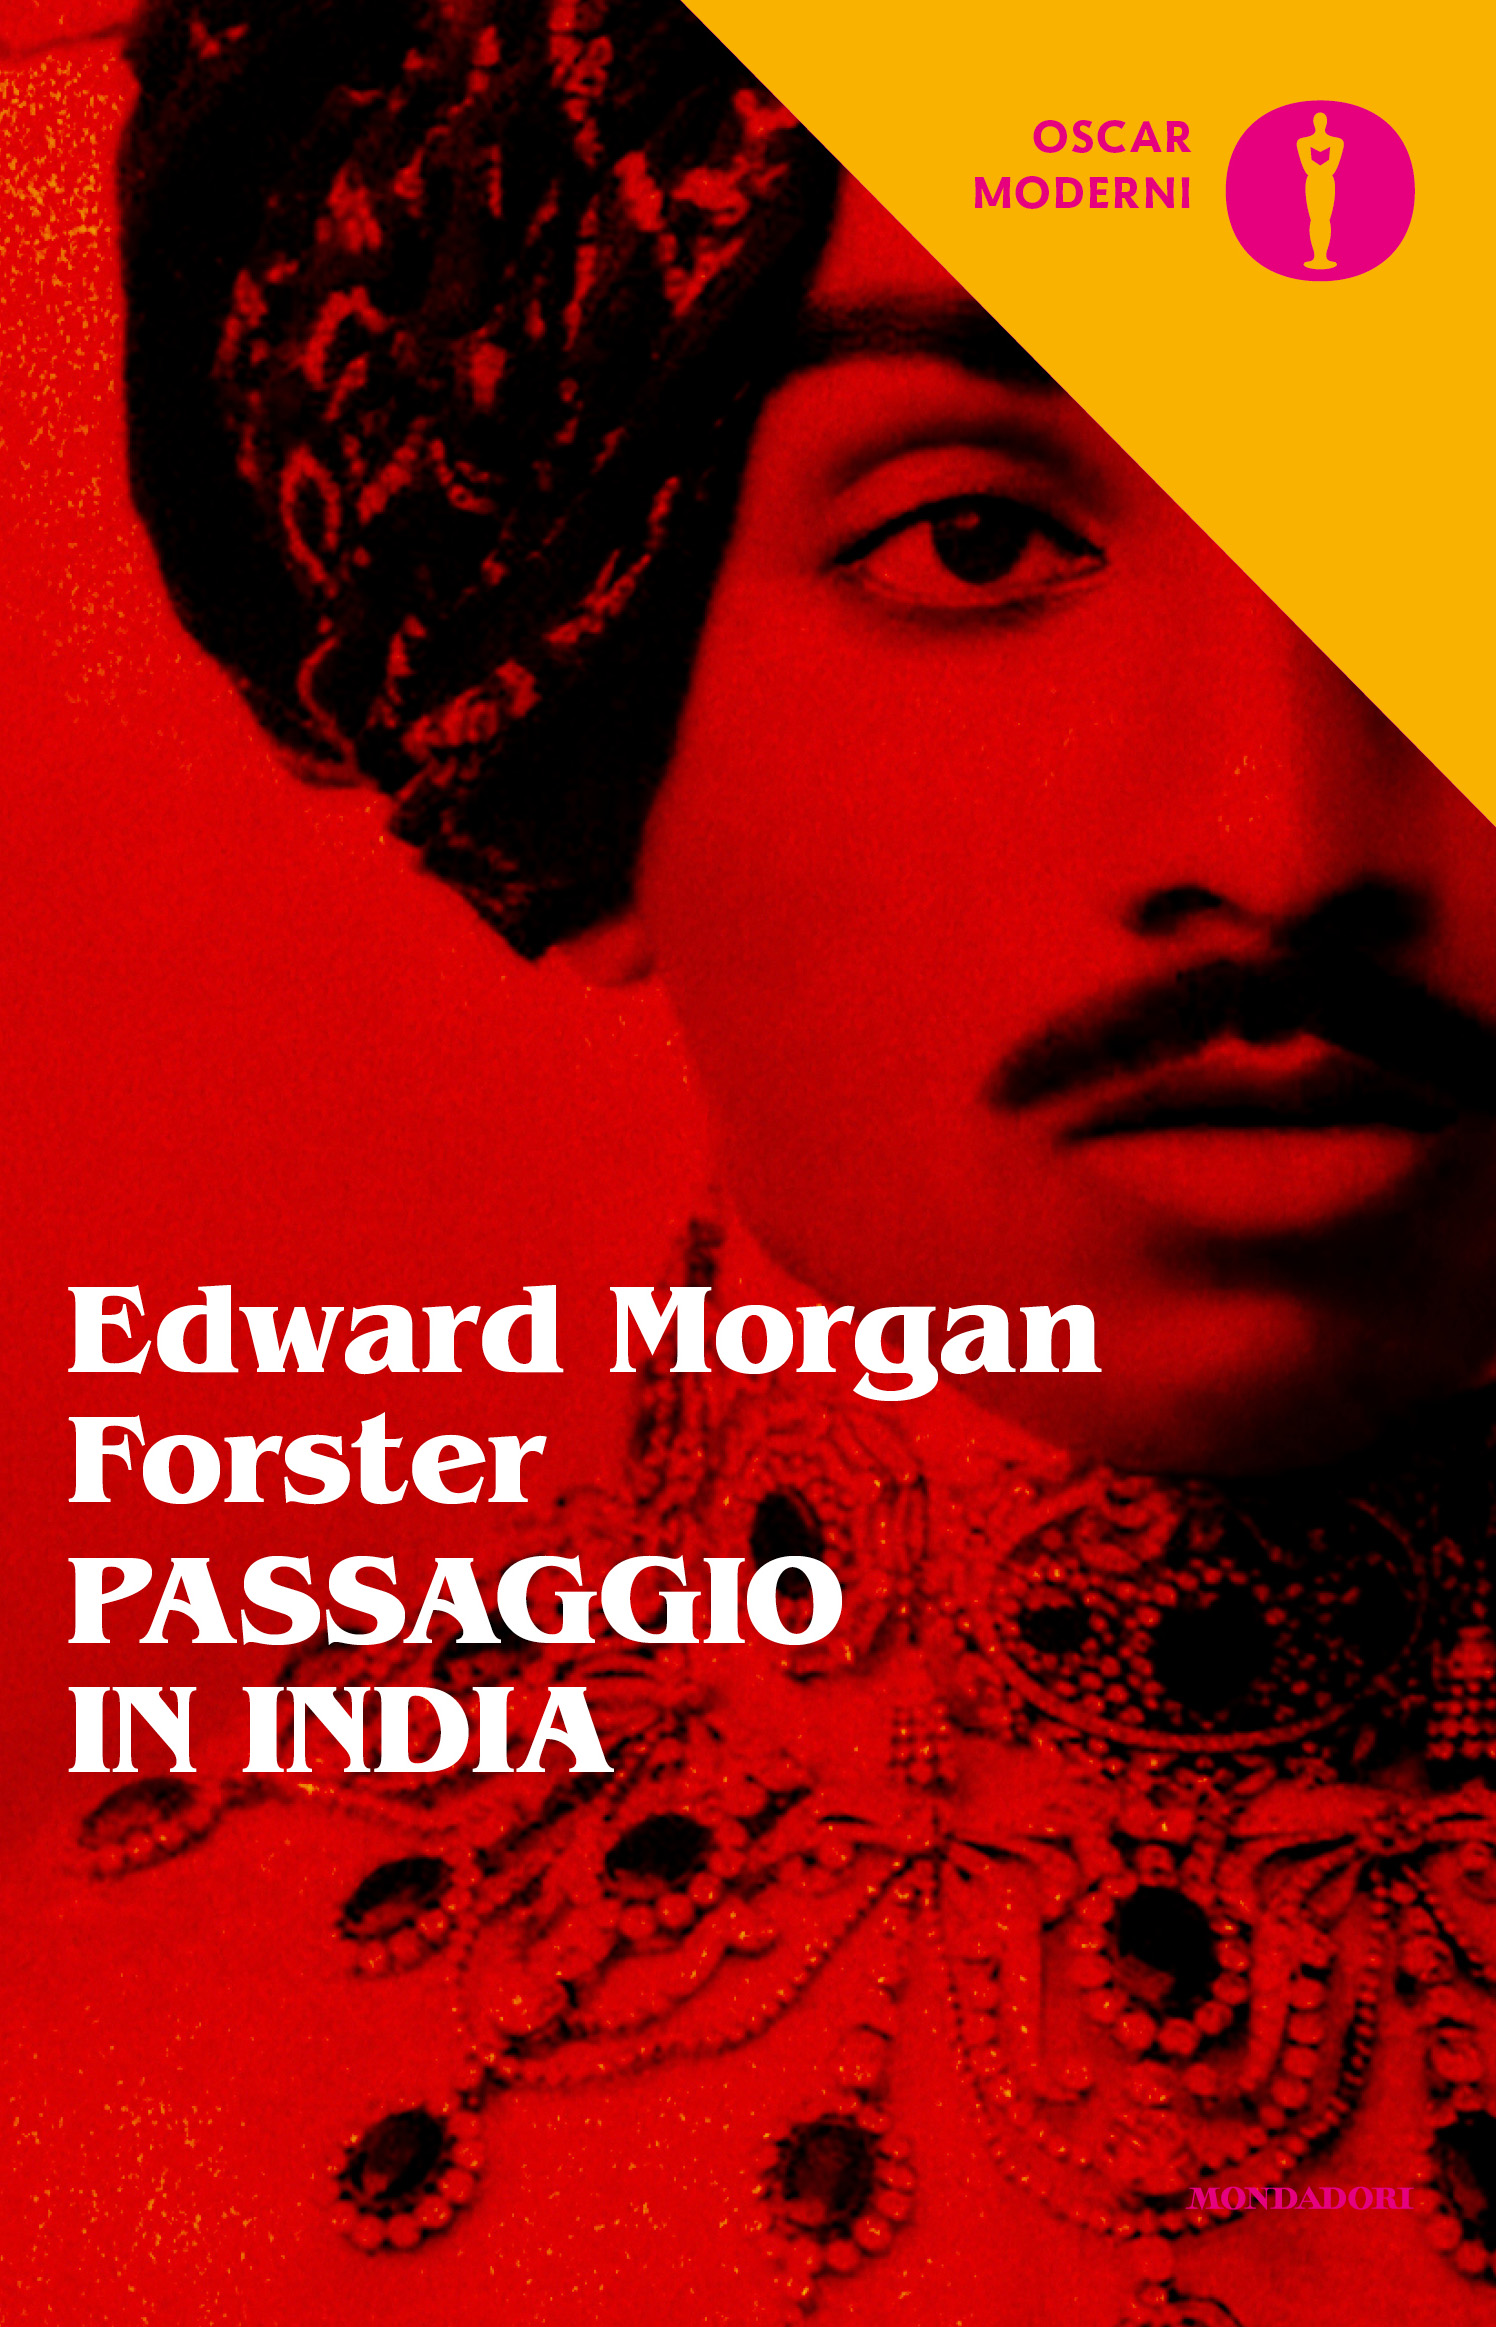 COP_Passaggio In India_CL. MODERNI_dorso_20-22